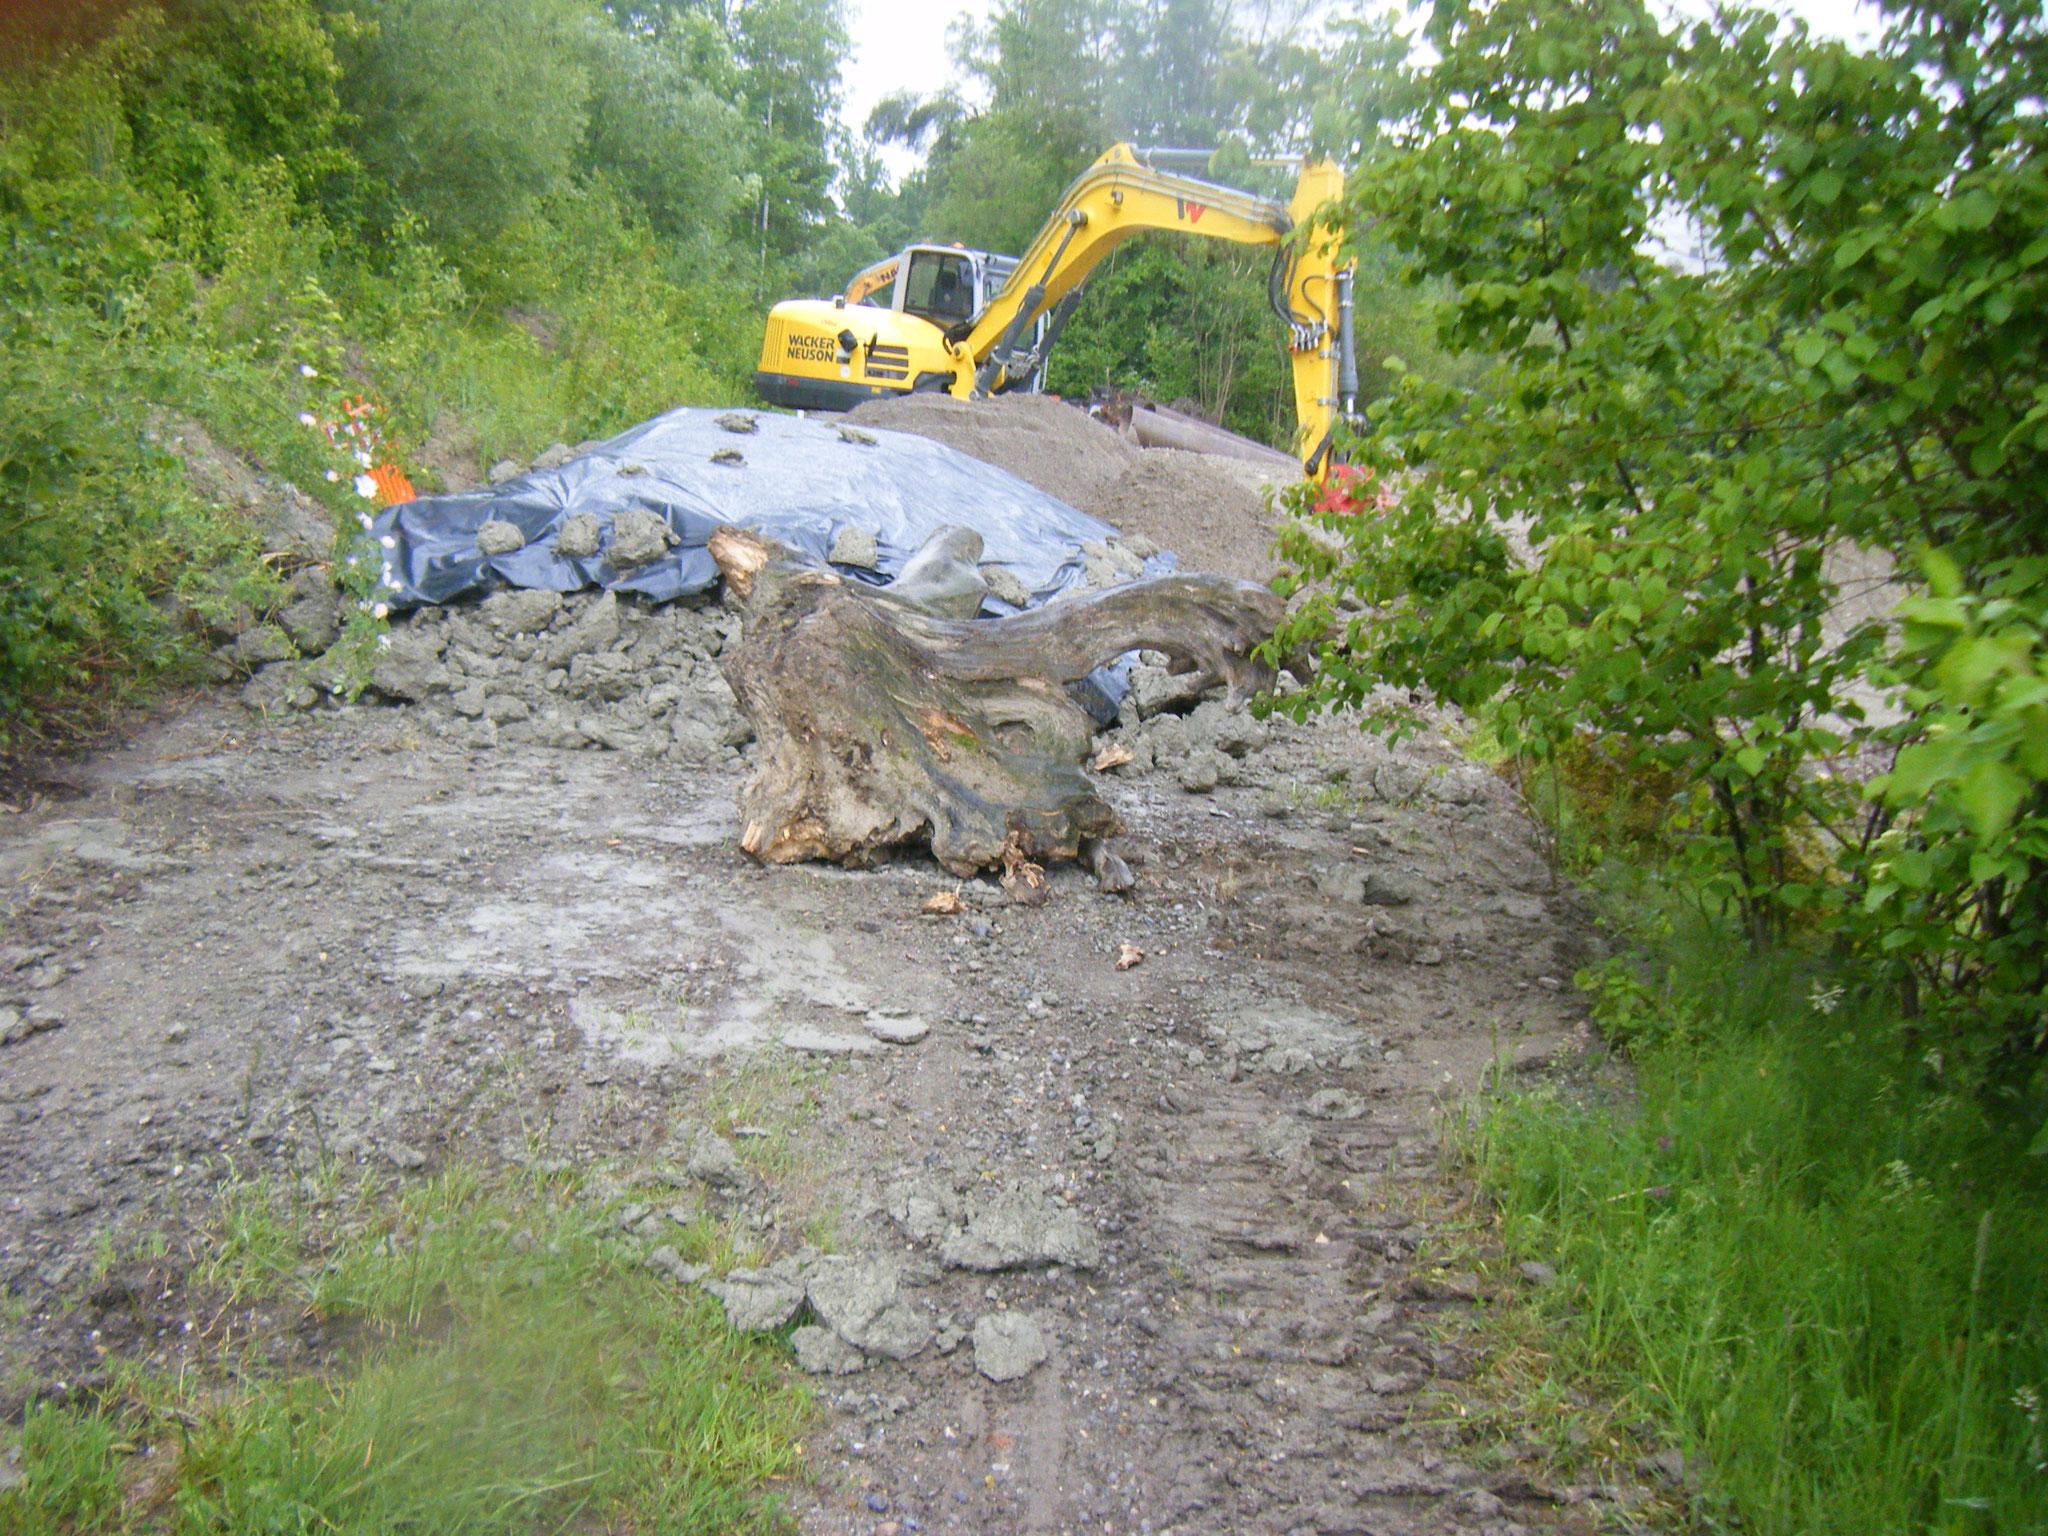 Die Arbeiter haben einen enormen Baumstumpf gefunden und separat gelegt. Könnte auch eine Skulptur sein. Hoffentlich wird er in die endgültige Ufergestaltung integriert.